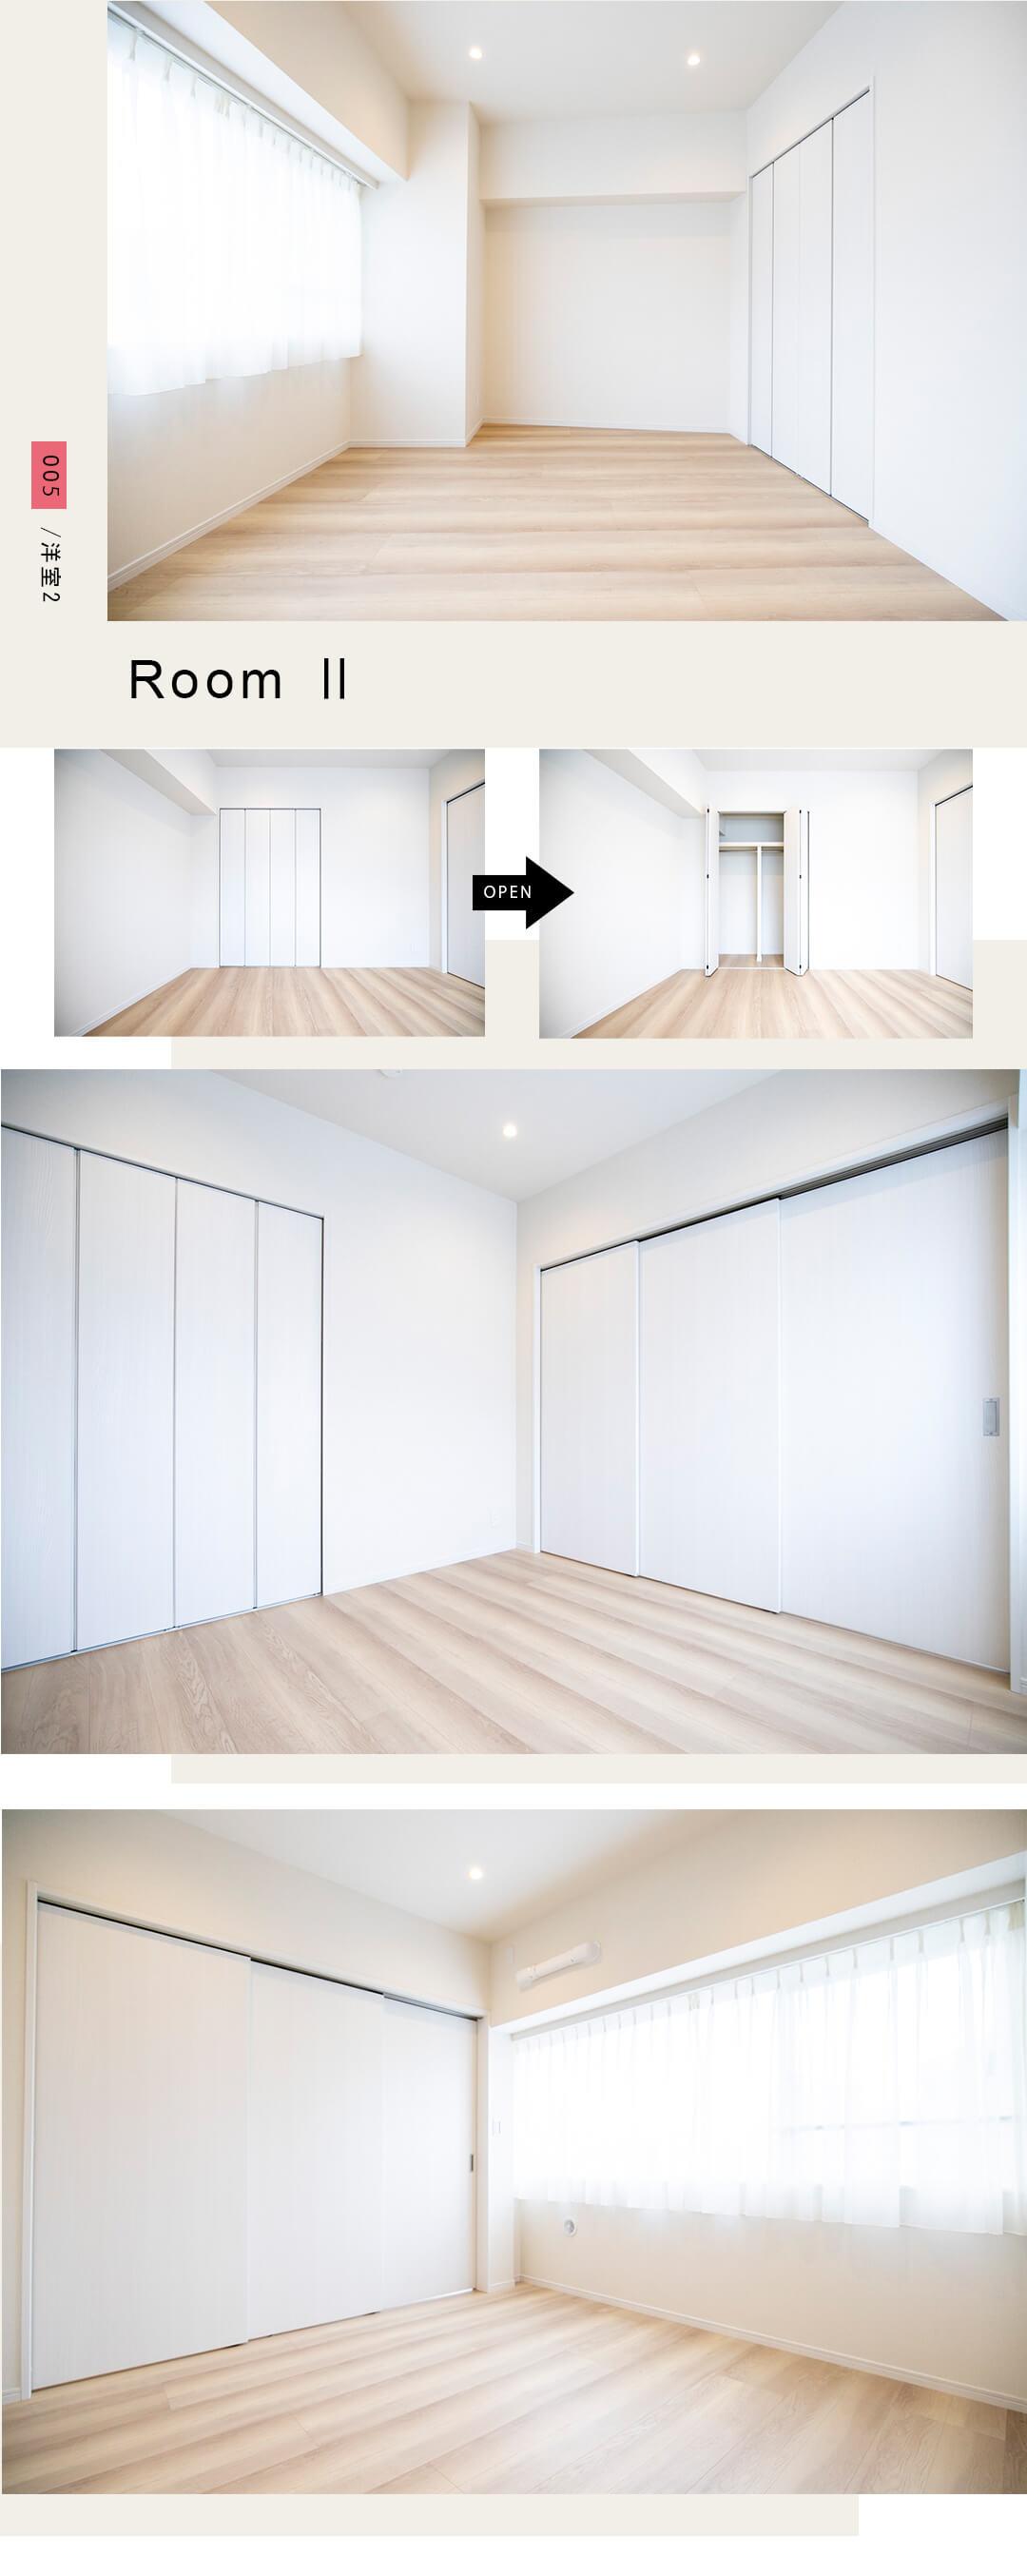 05洋室2,Room Ⅱ